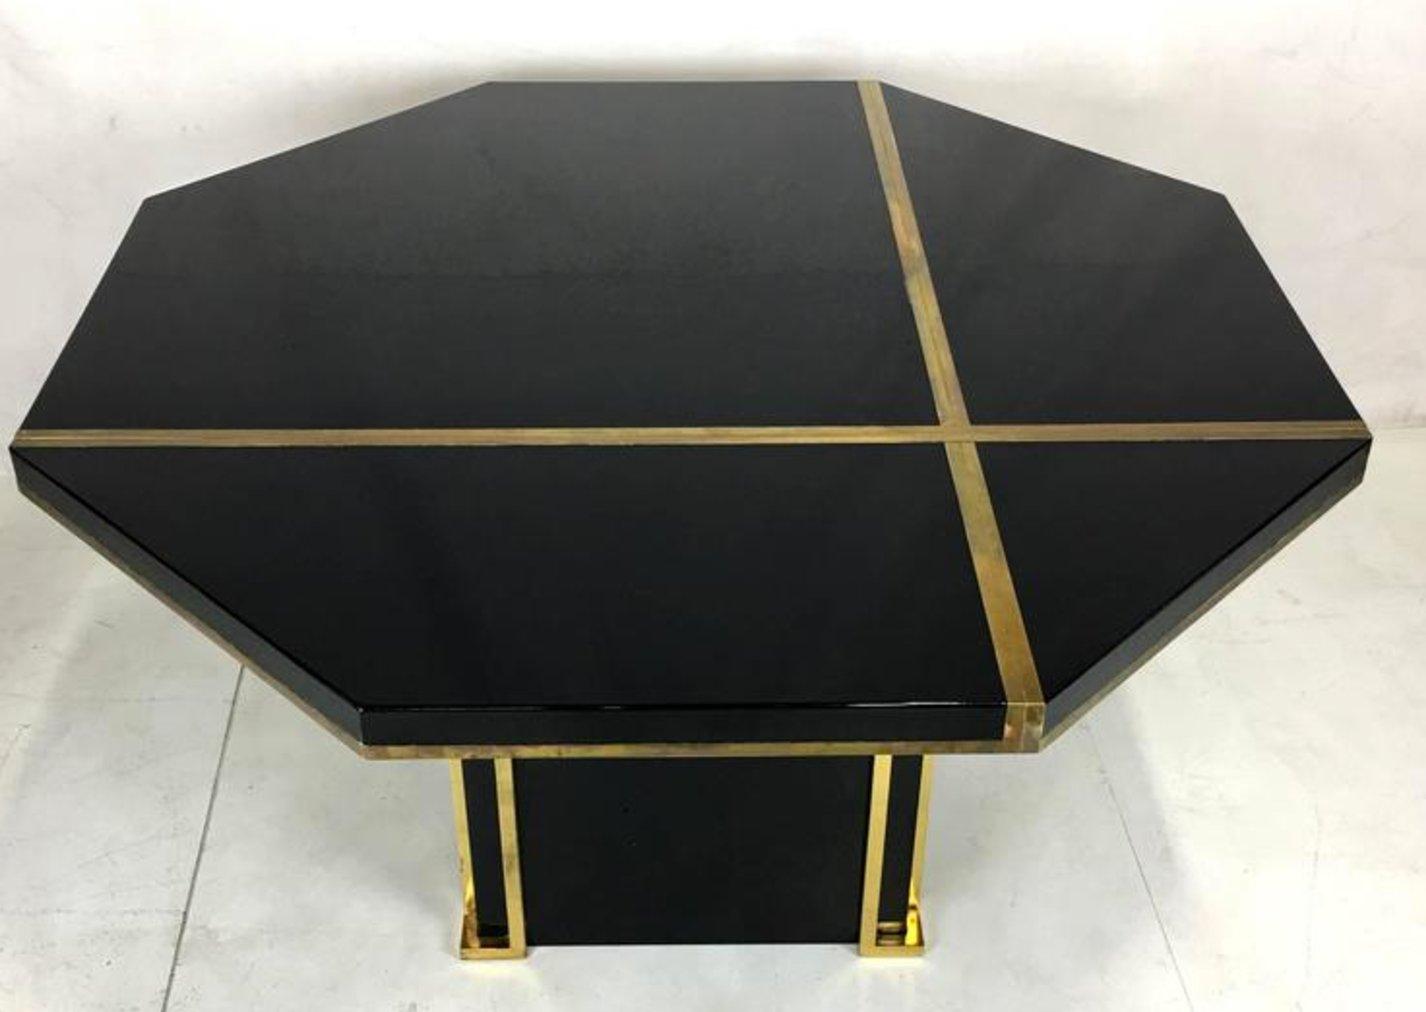 table de salon en laiton laqu par jc mahey pour roche bobois en vente sur pamono. Black Bedroom Furniture Sets. Home Design Ideas